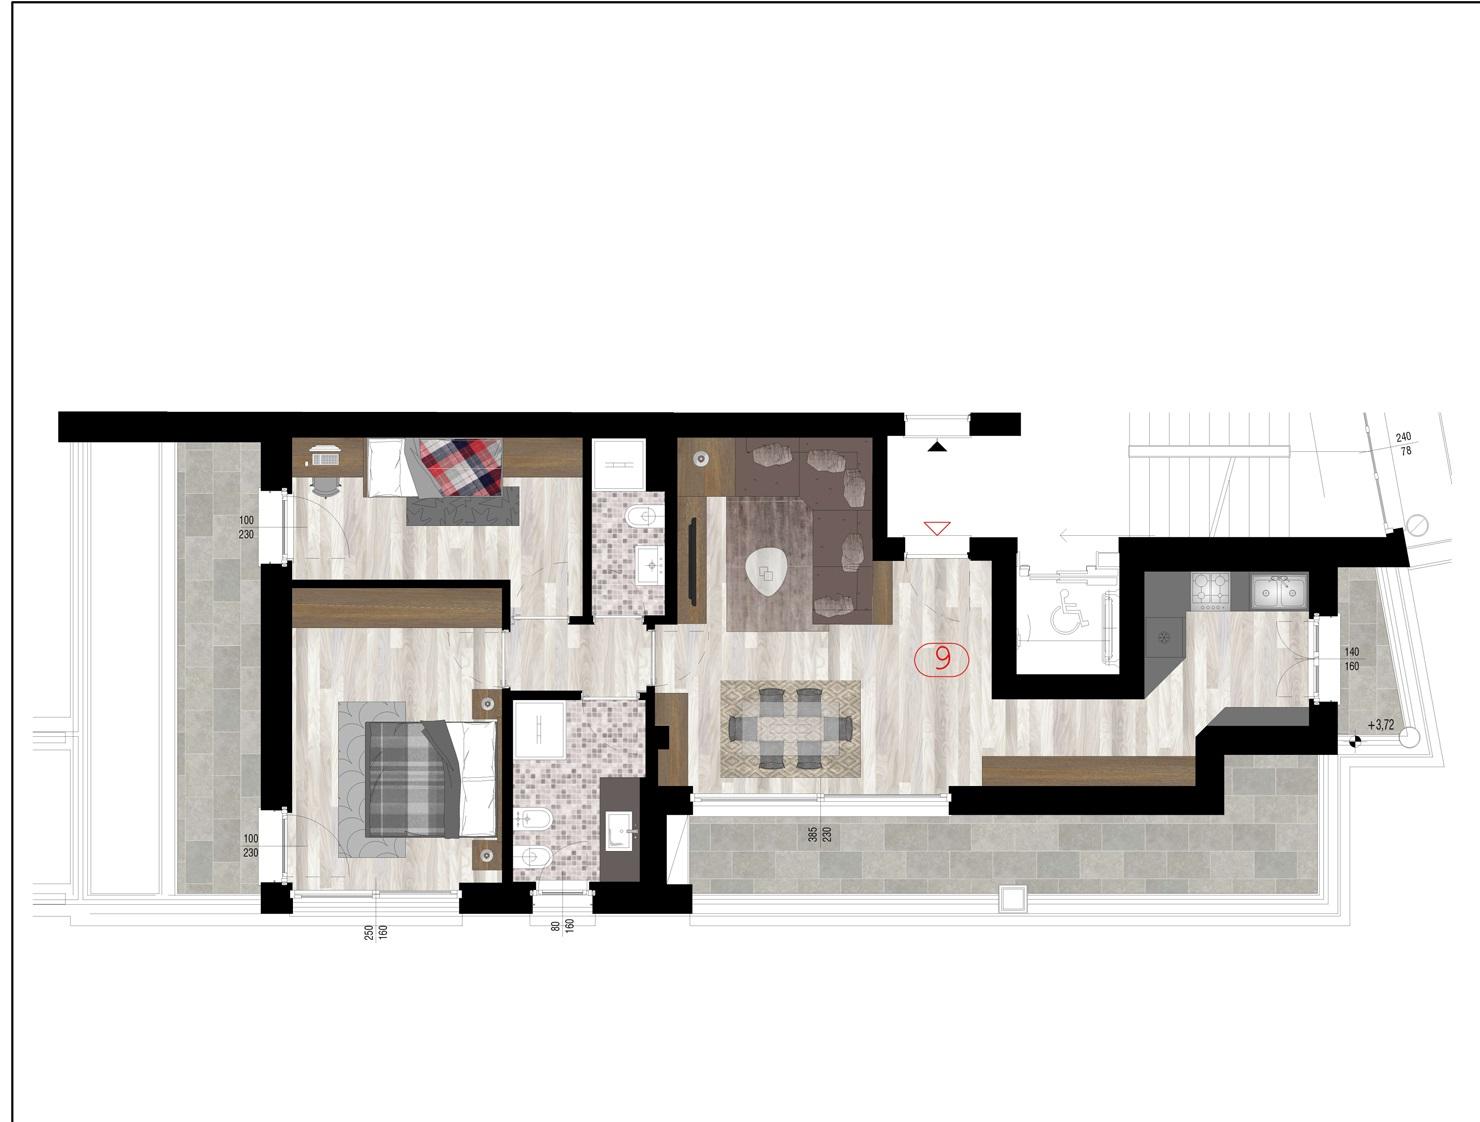 Trilocale 9 piano quarto - sup. commerciale mq 108 - € 520.000